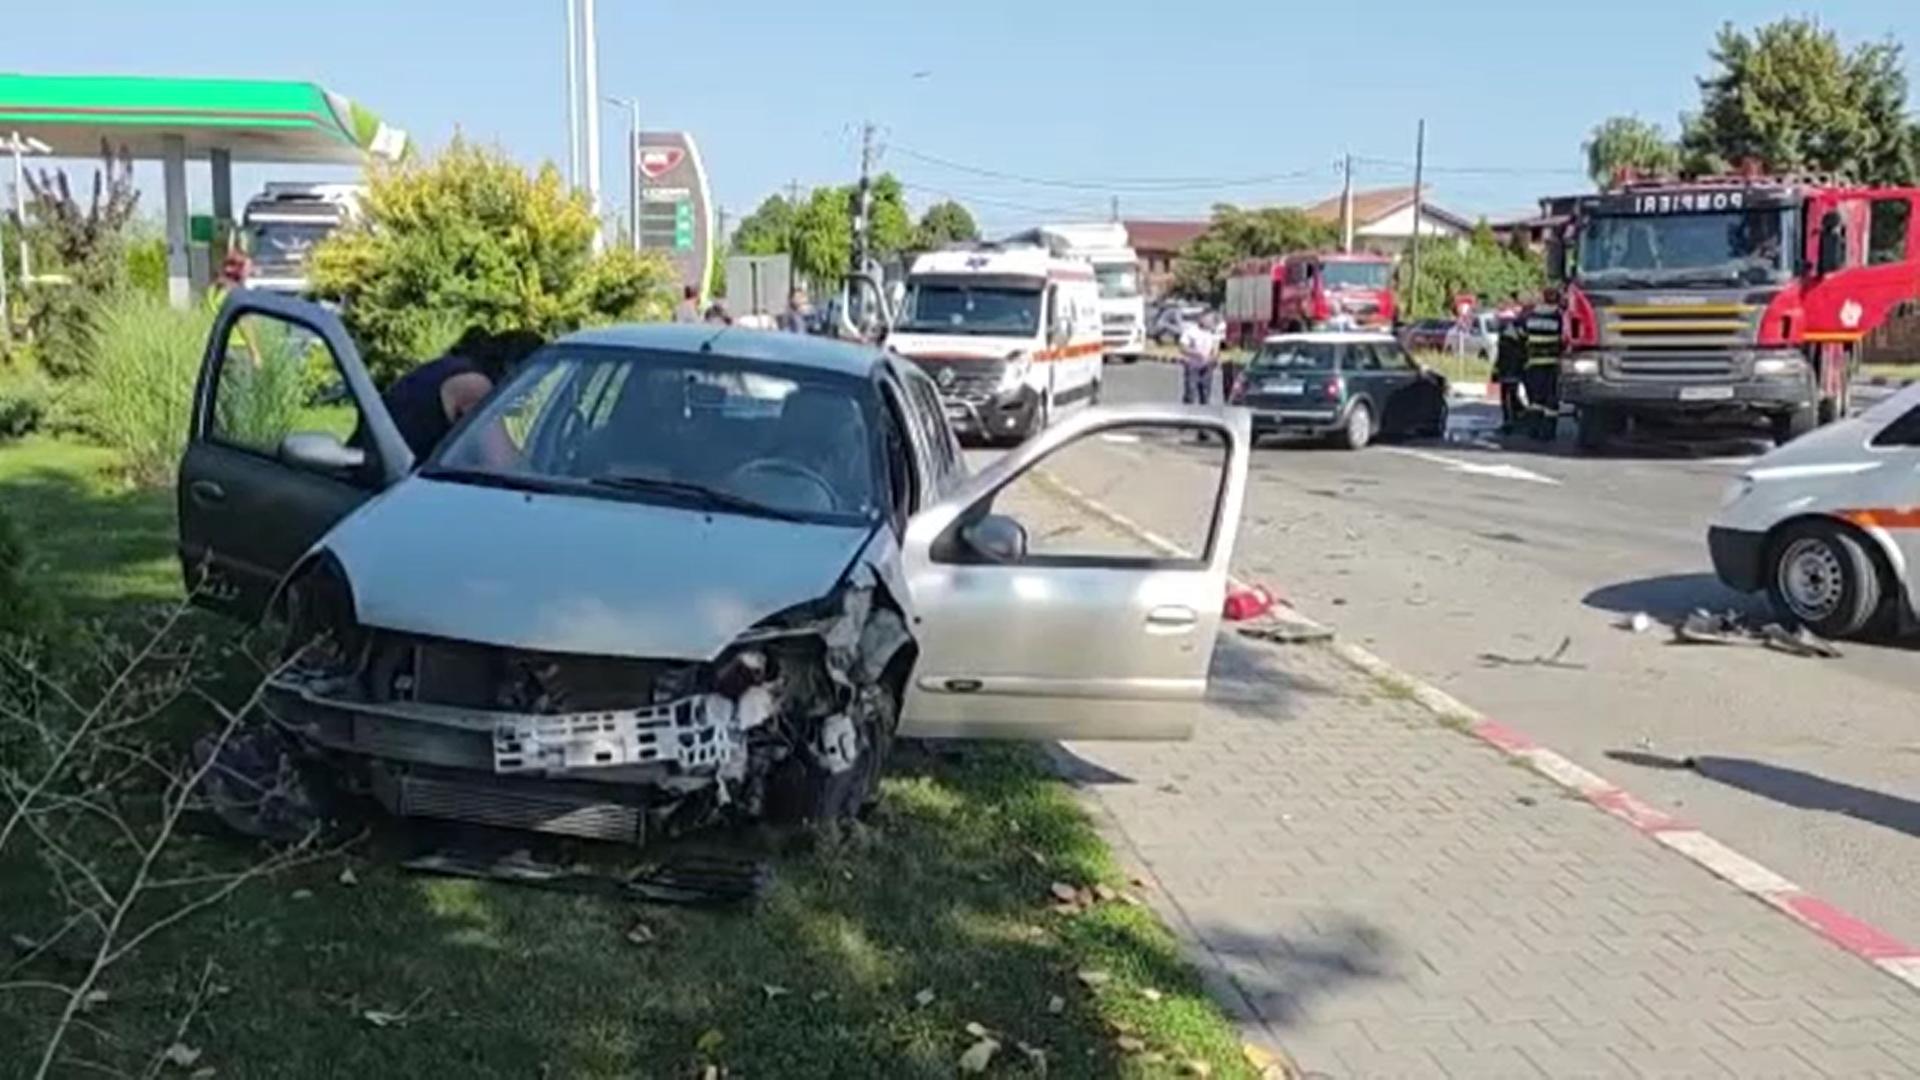 Accidente în lanț în Târgoviște. Două autoturisme s-au izbit frontal într-o intersecție